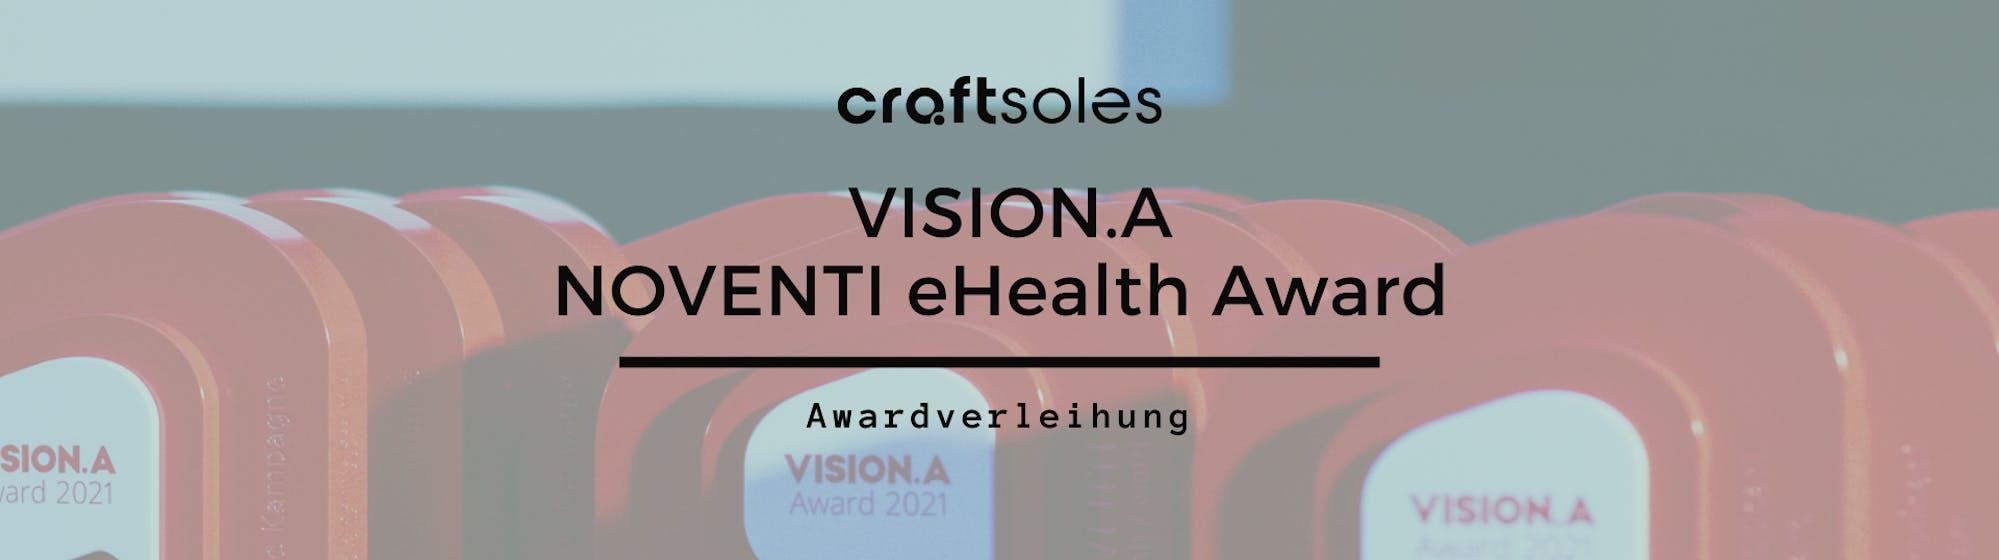 Vision.A Award